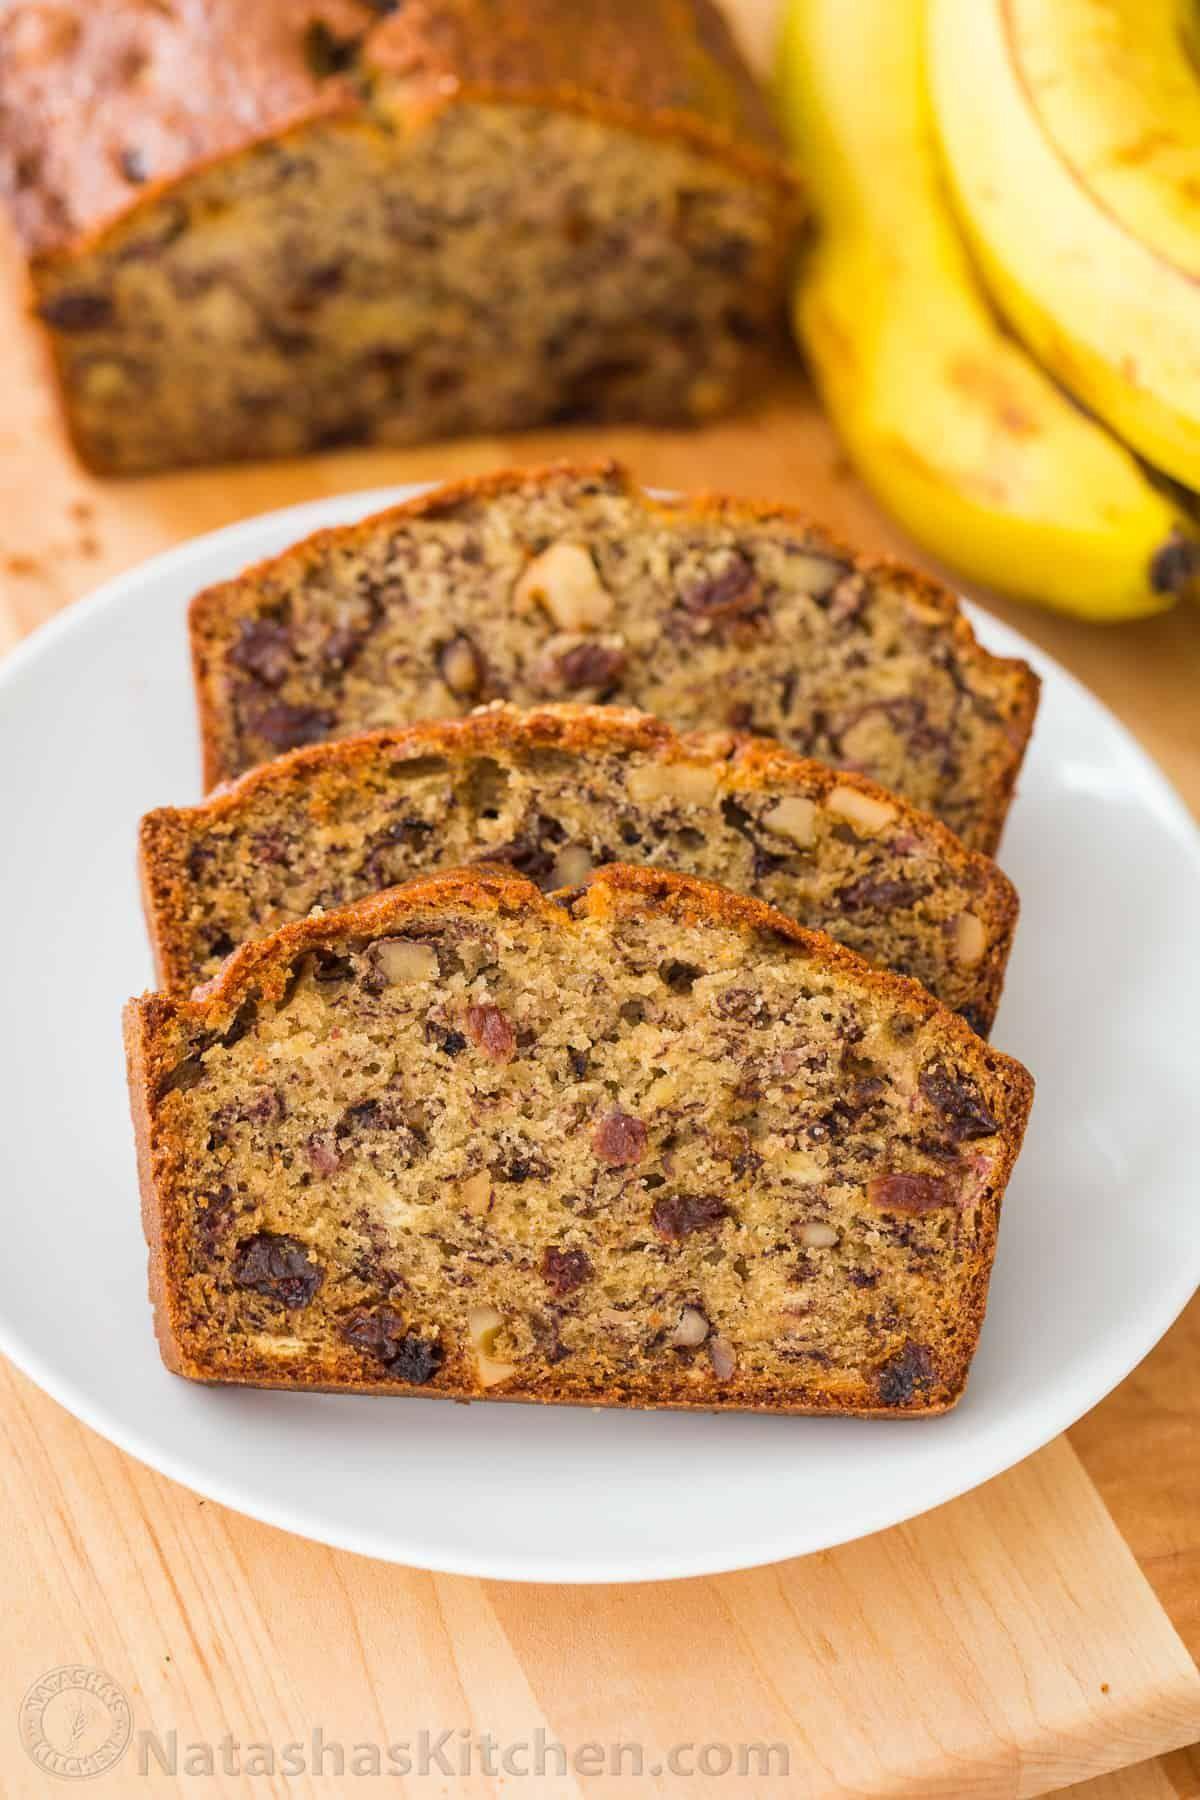 Banana Recipes For How To Make Banana Bread Banana Bread Recipe Moist Banana Bread Recipes Banana Bread Recipe Video